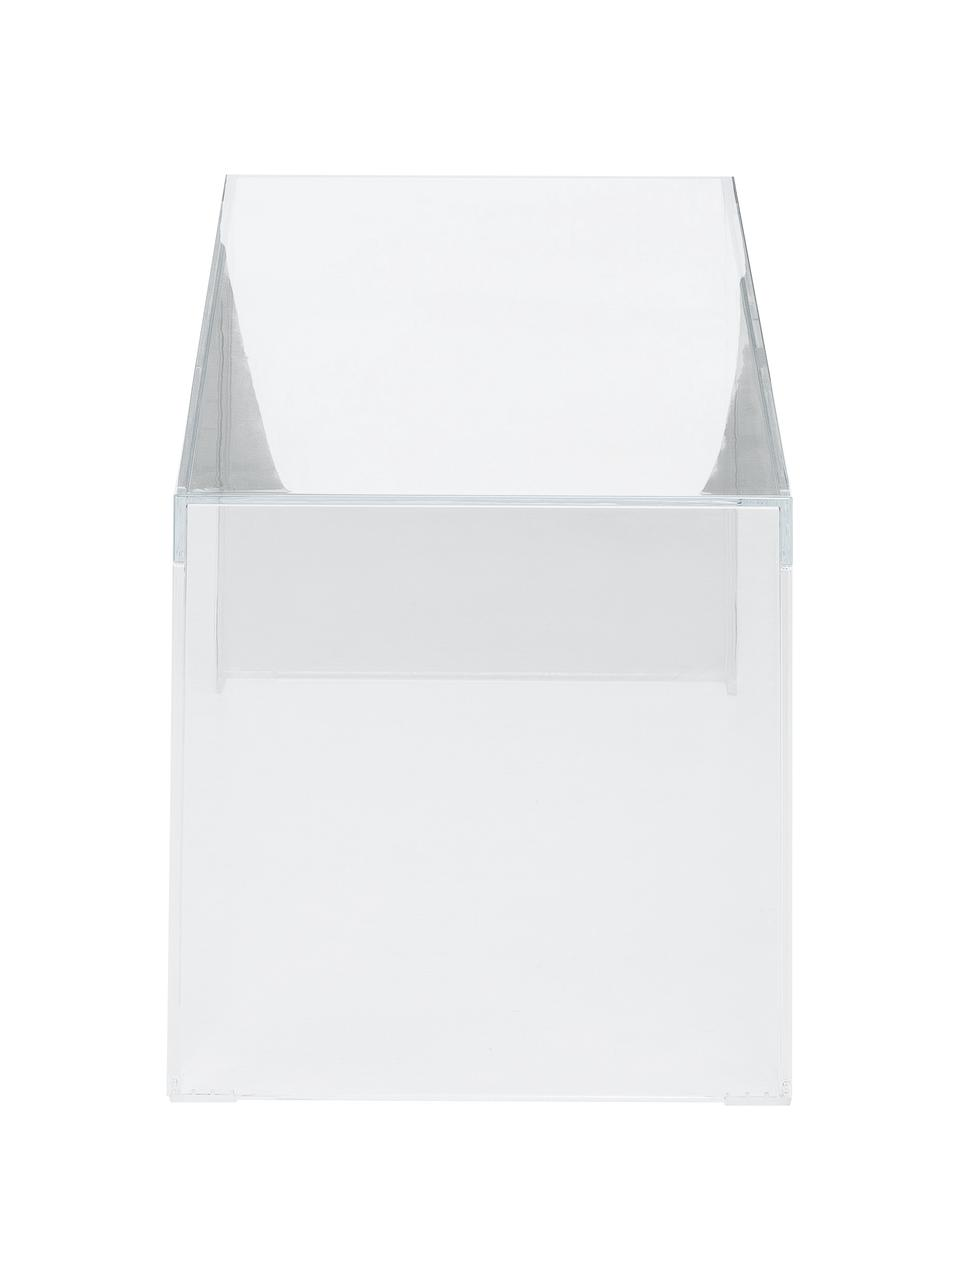 Stolik kawowy Invisible, Tworzywo sztuczne, Transparentny, S 120 x W 40 cm